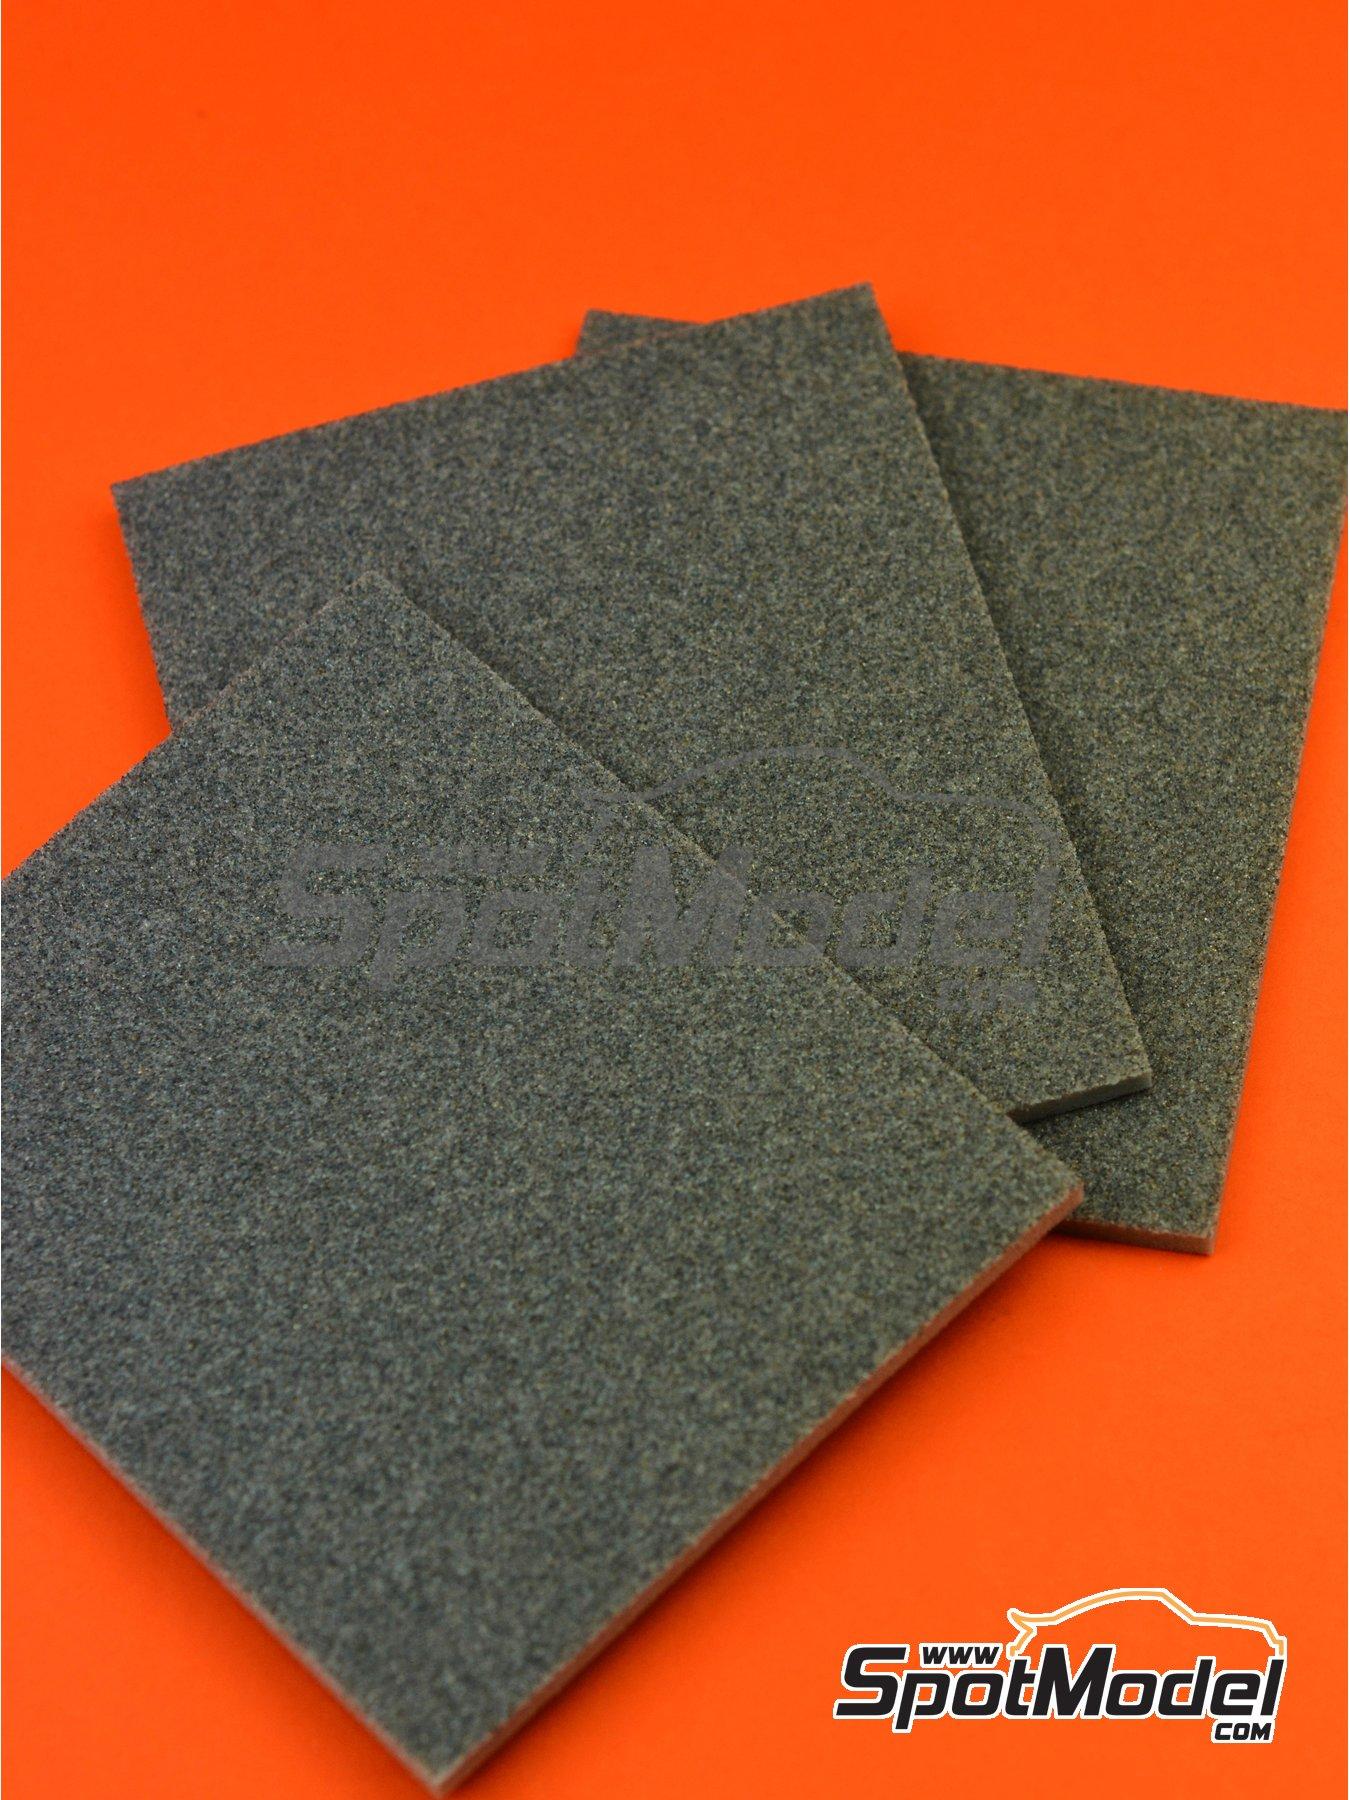 Medium grade sanding sponge (180 grit) | Sandpaper manufactured by SpotModel (ref.SPOT-012) image